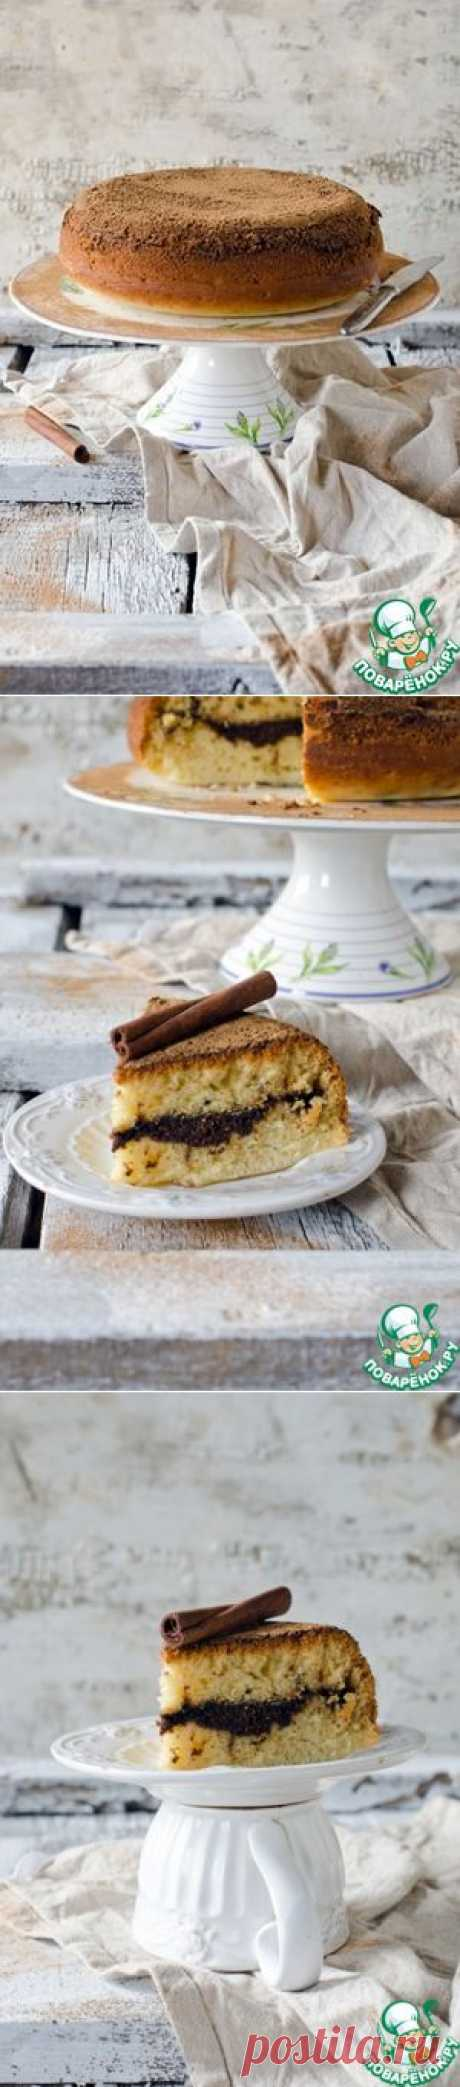 Коричный пирог с хрустящей корочкой - кулинарный рецепт